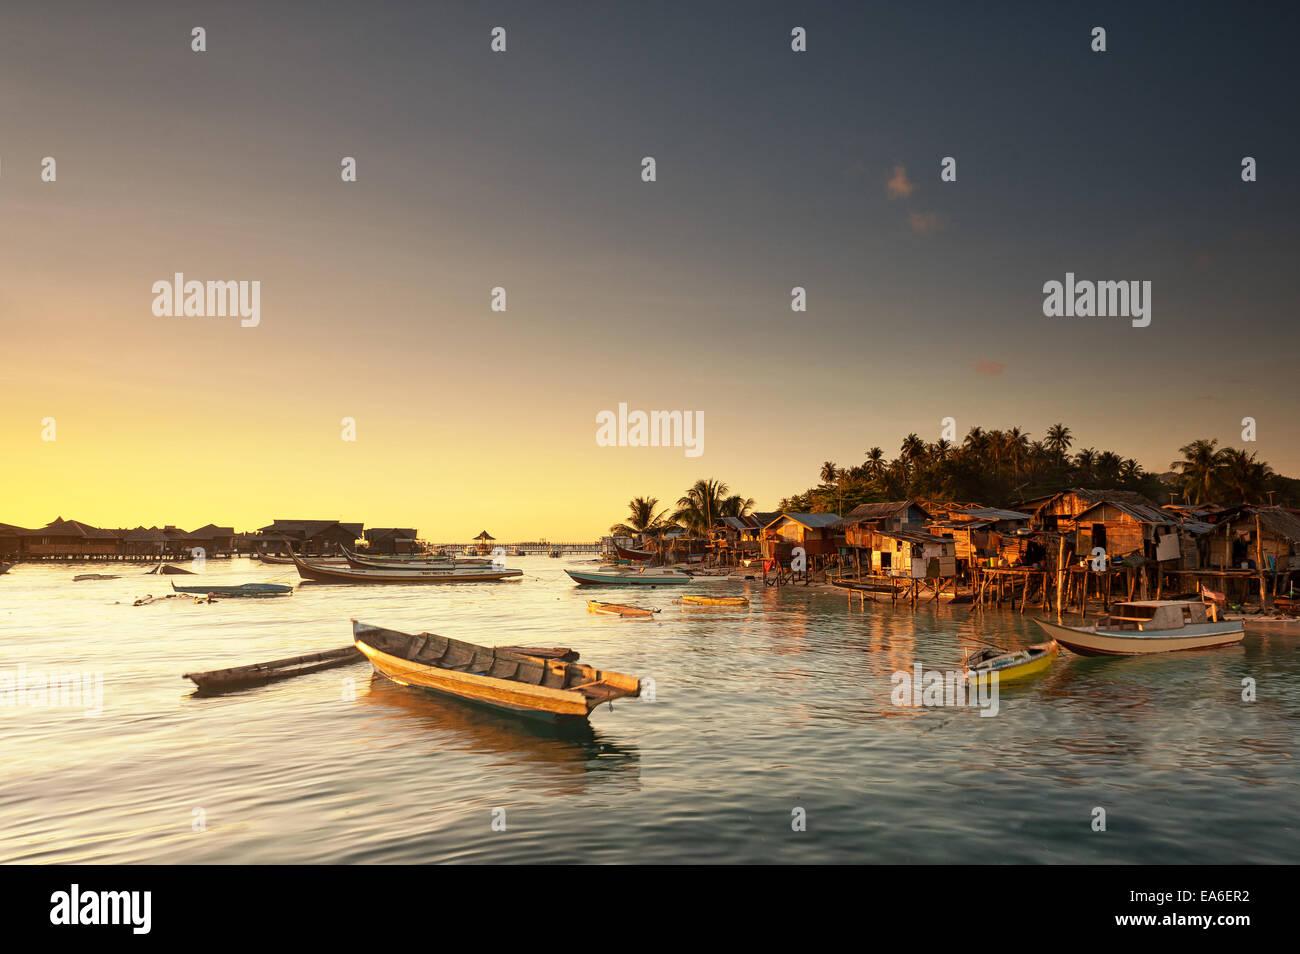 Malaysia, Sabah, kleine Boote und Seezigeuner Hütten bei Sonnenaufgang Stockbild